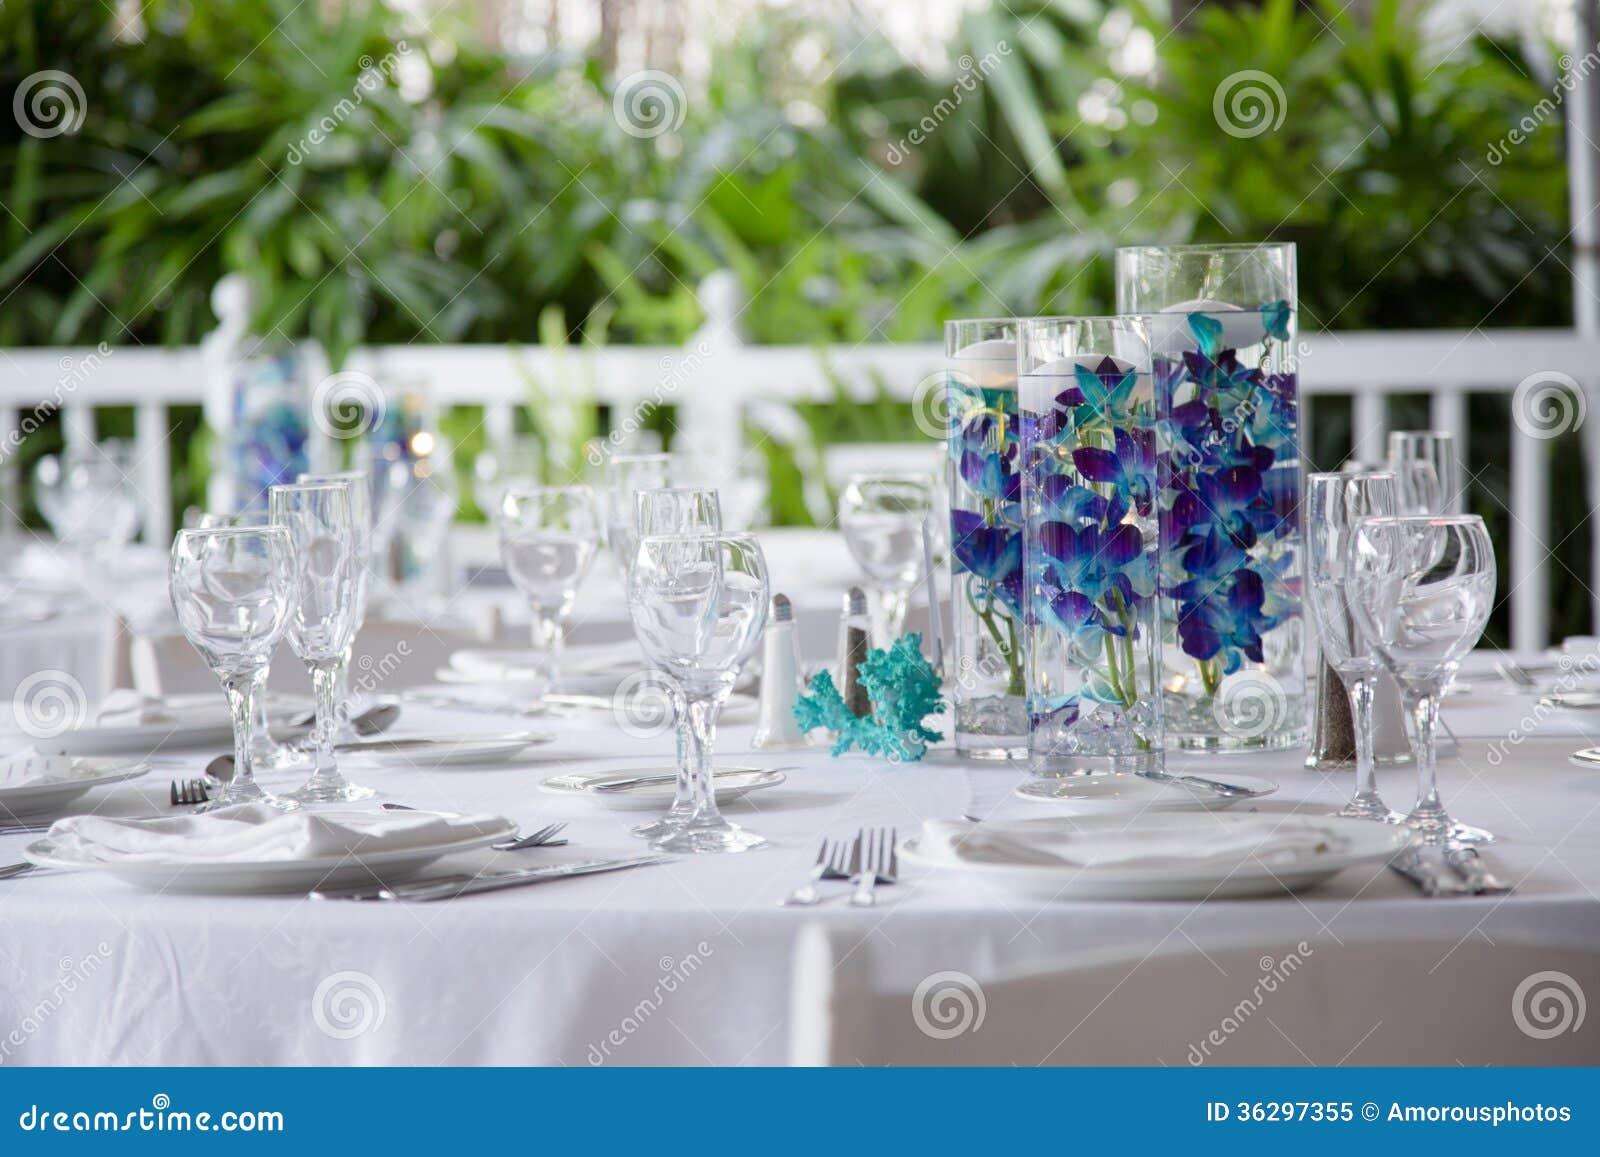 Elegant Table Setting Stock Image Image Of Elegance